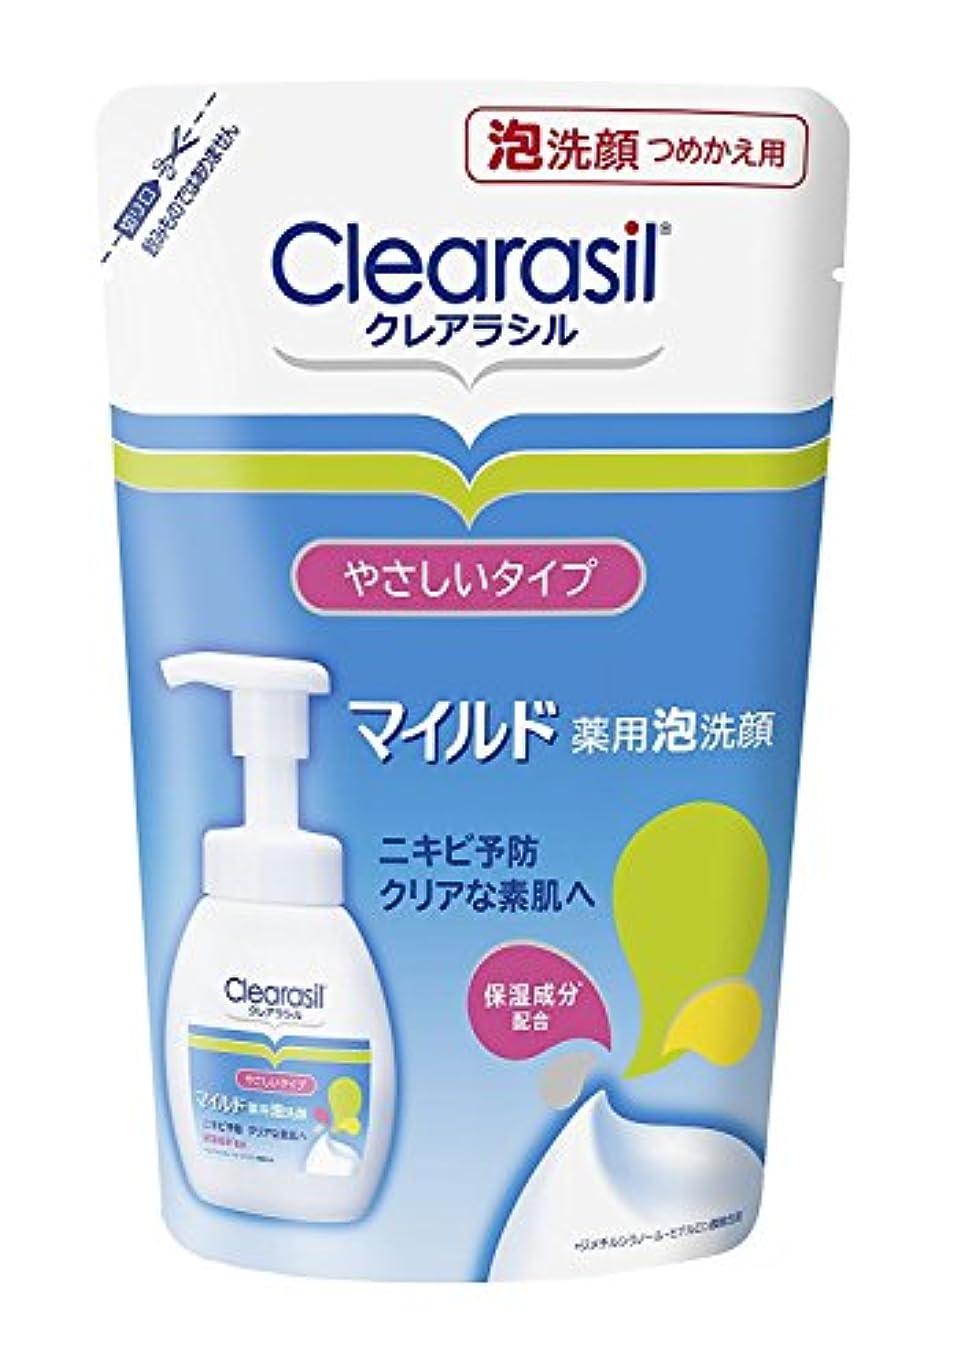 注入するご近所戸棚クレアラシル 薬用泡洗顔フォーム マイルドタイプ つめかえ用(180mL)×36点セット (4906156100303)